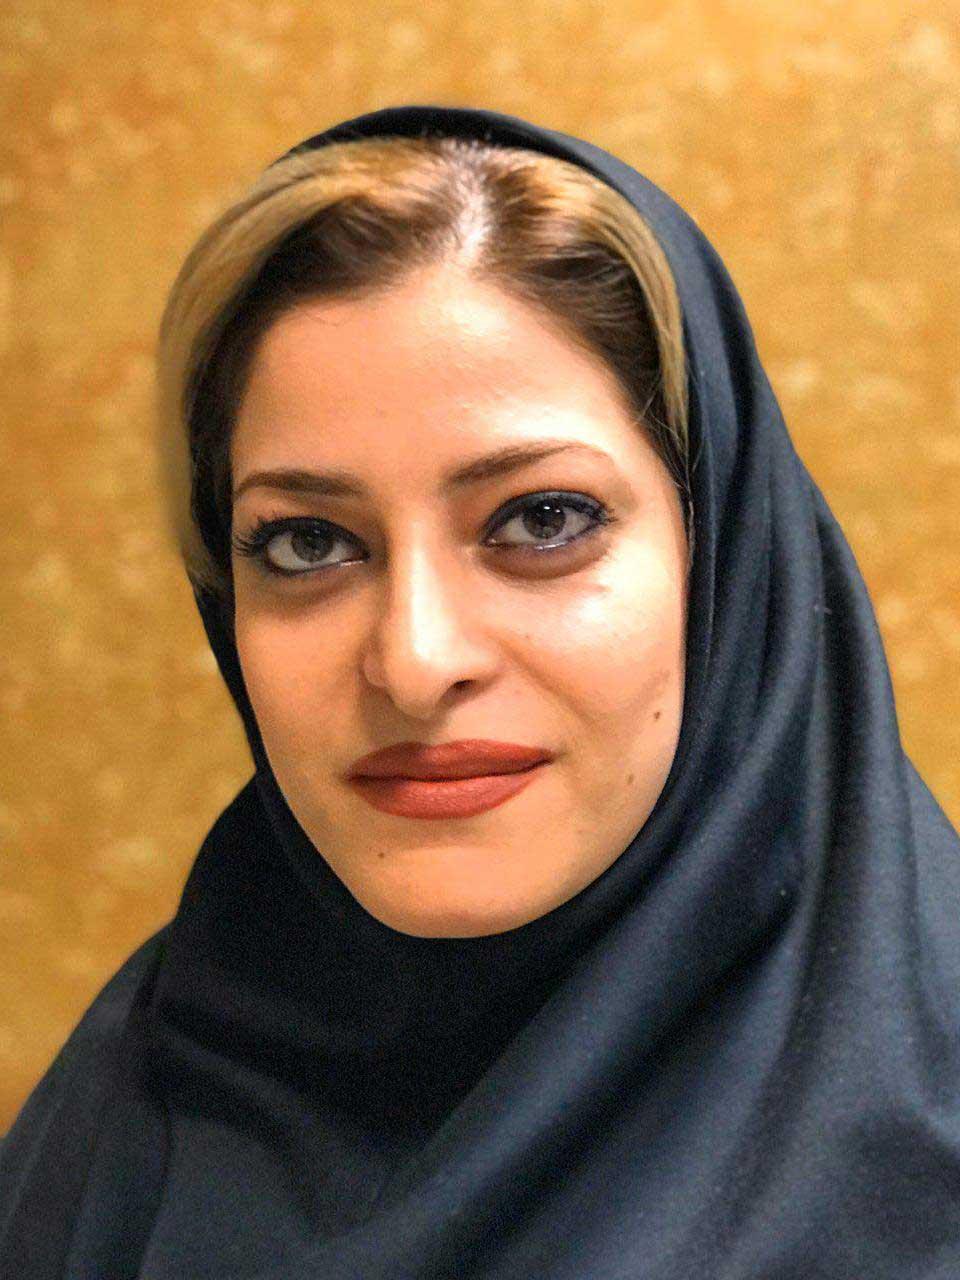 مهندس مریم نجفی